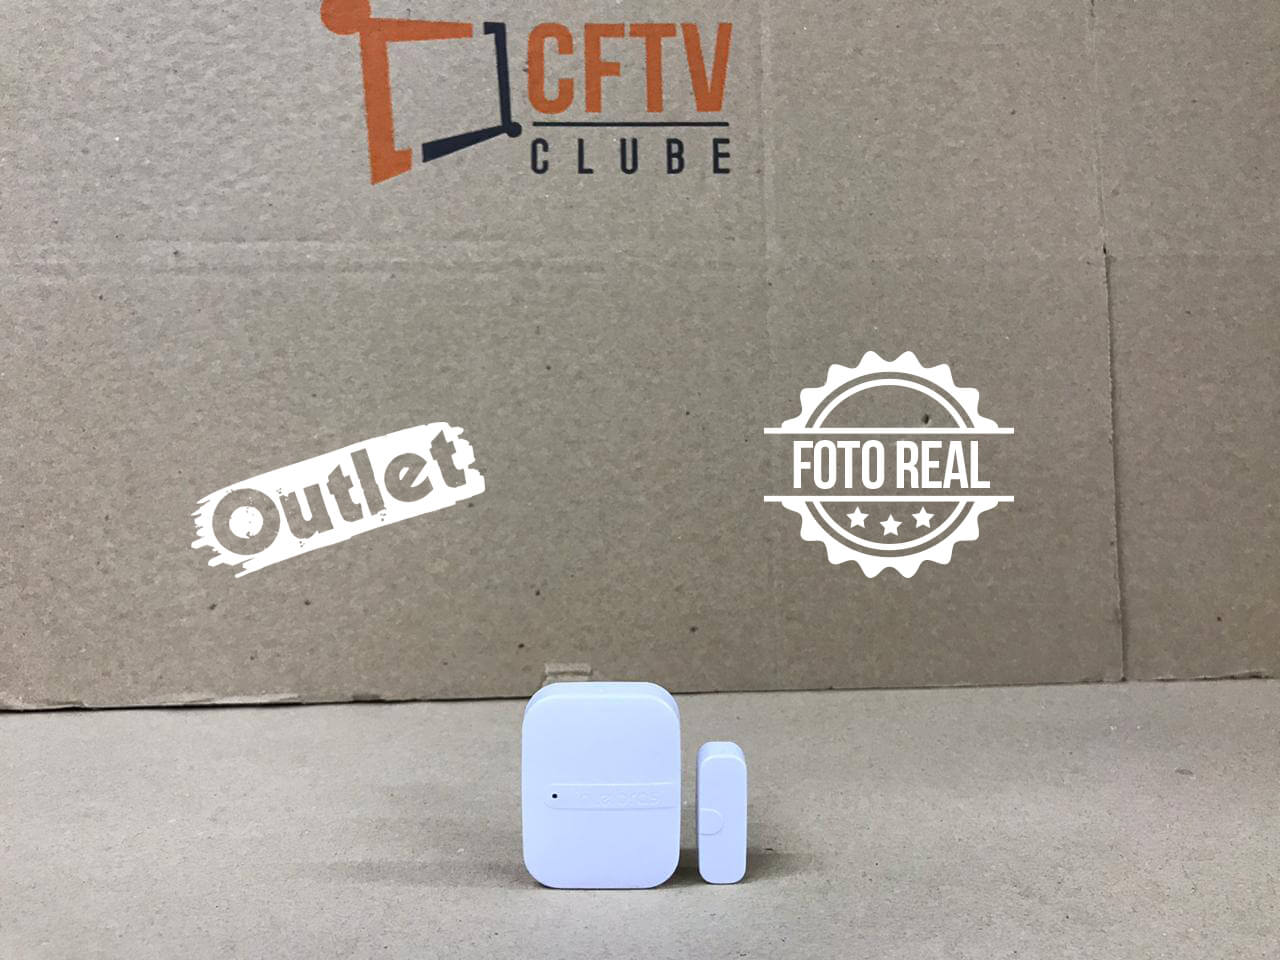 Outlet - Sensor de Abertura Magnético Sem Fio XAS 4010 Smart - Intelbras  - CFTV Clube | Brasil